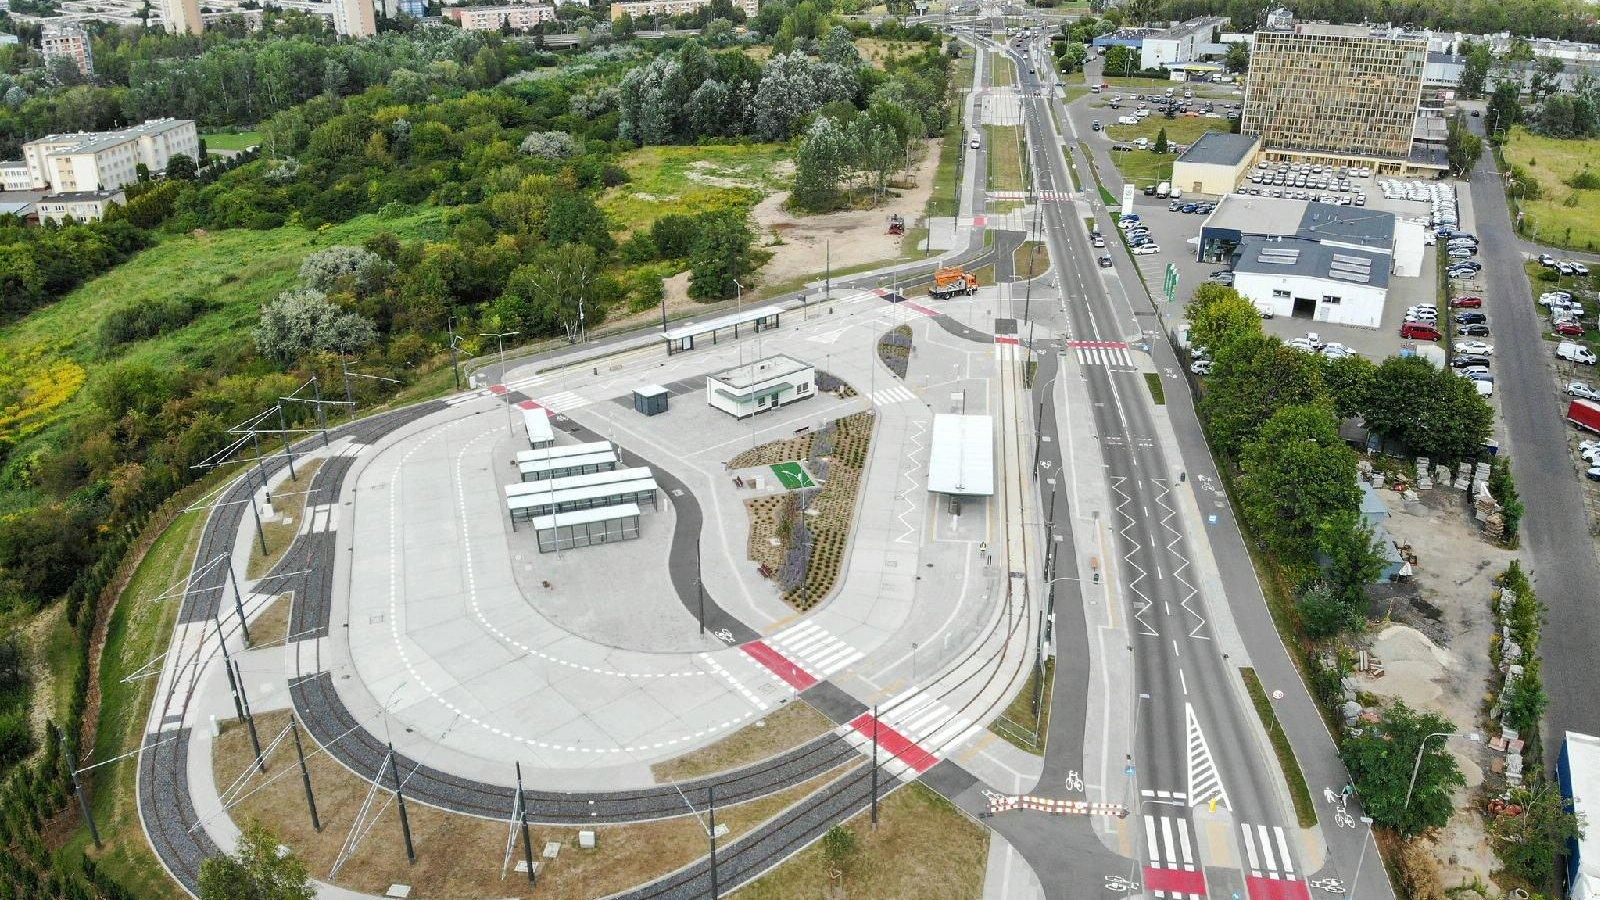 Widok na teren przy ul. Unii Lubelskiej - grafika artykułu